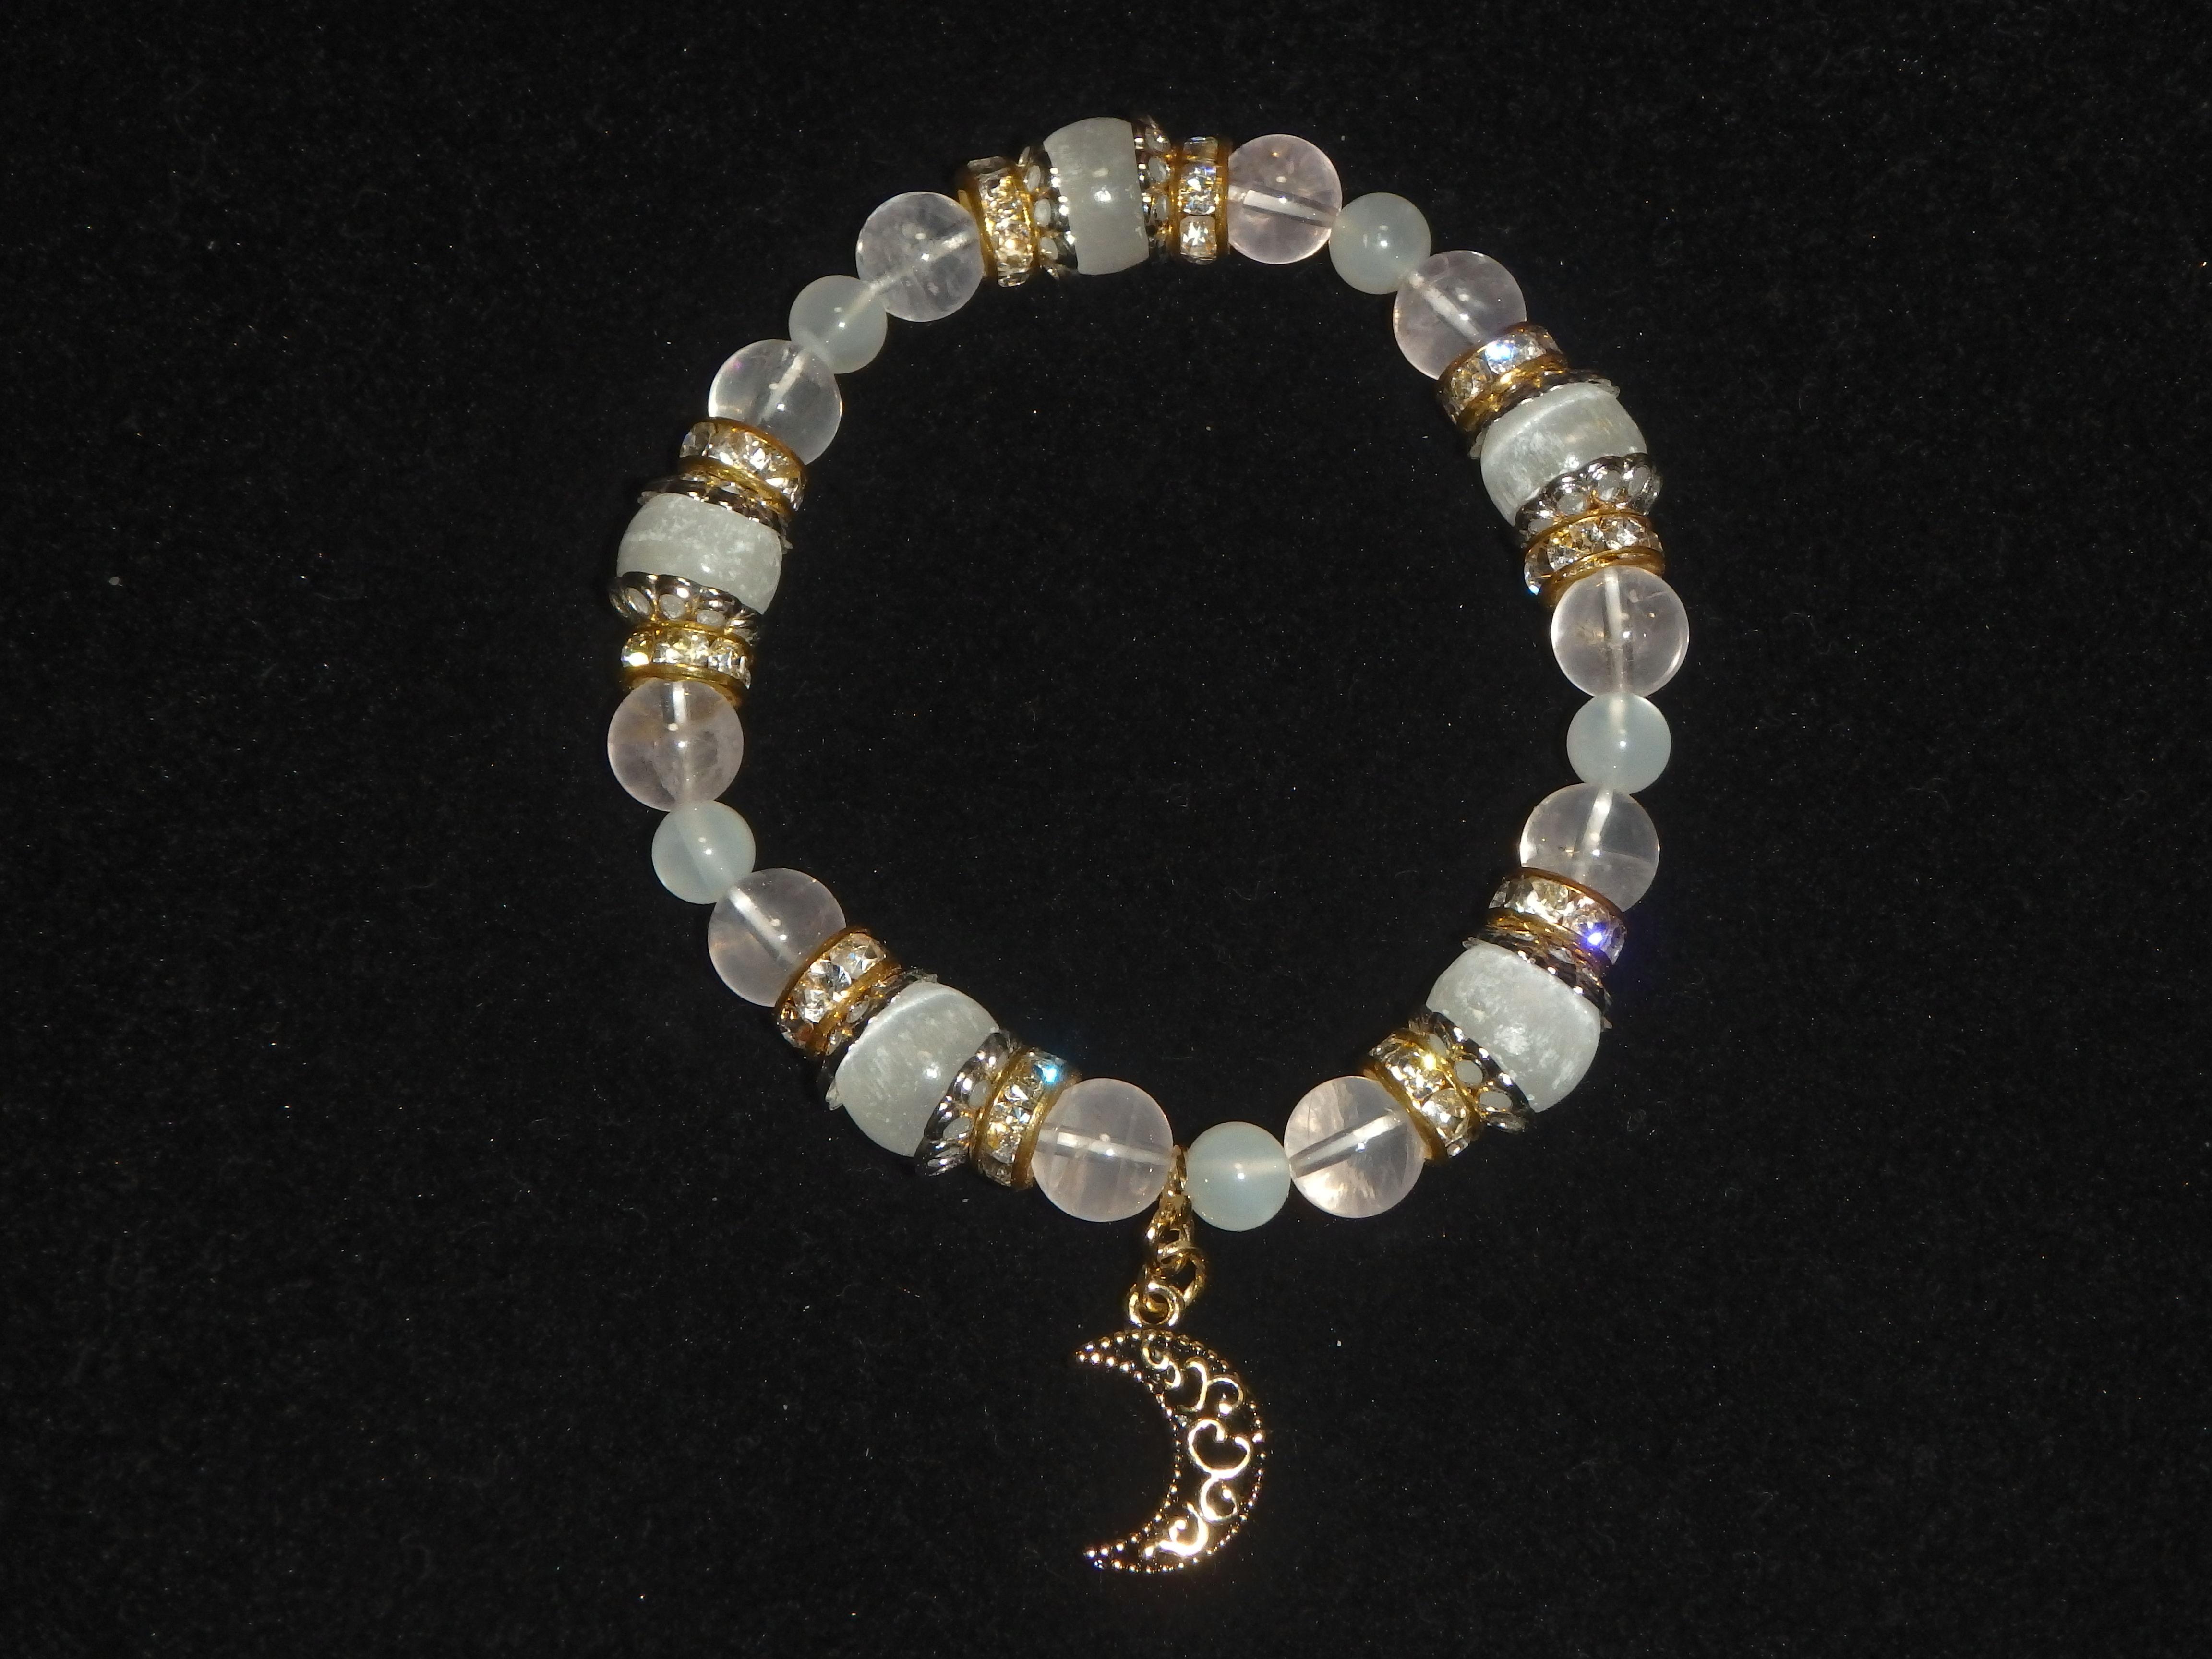 「月のパワーを手に入れるOriginal Amulet Bracelet」【Luna (ルナ)】